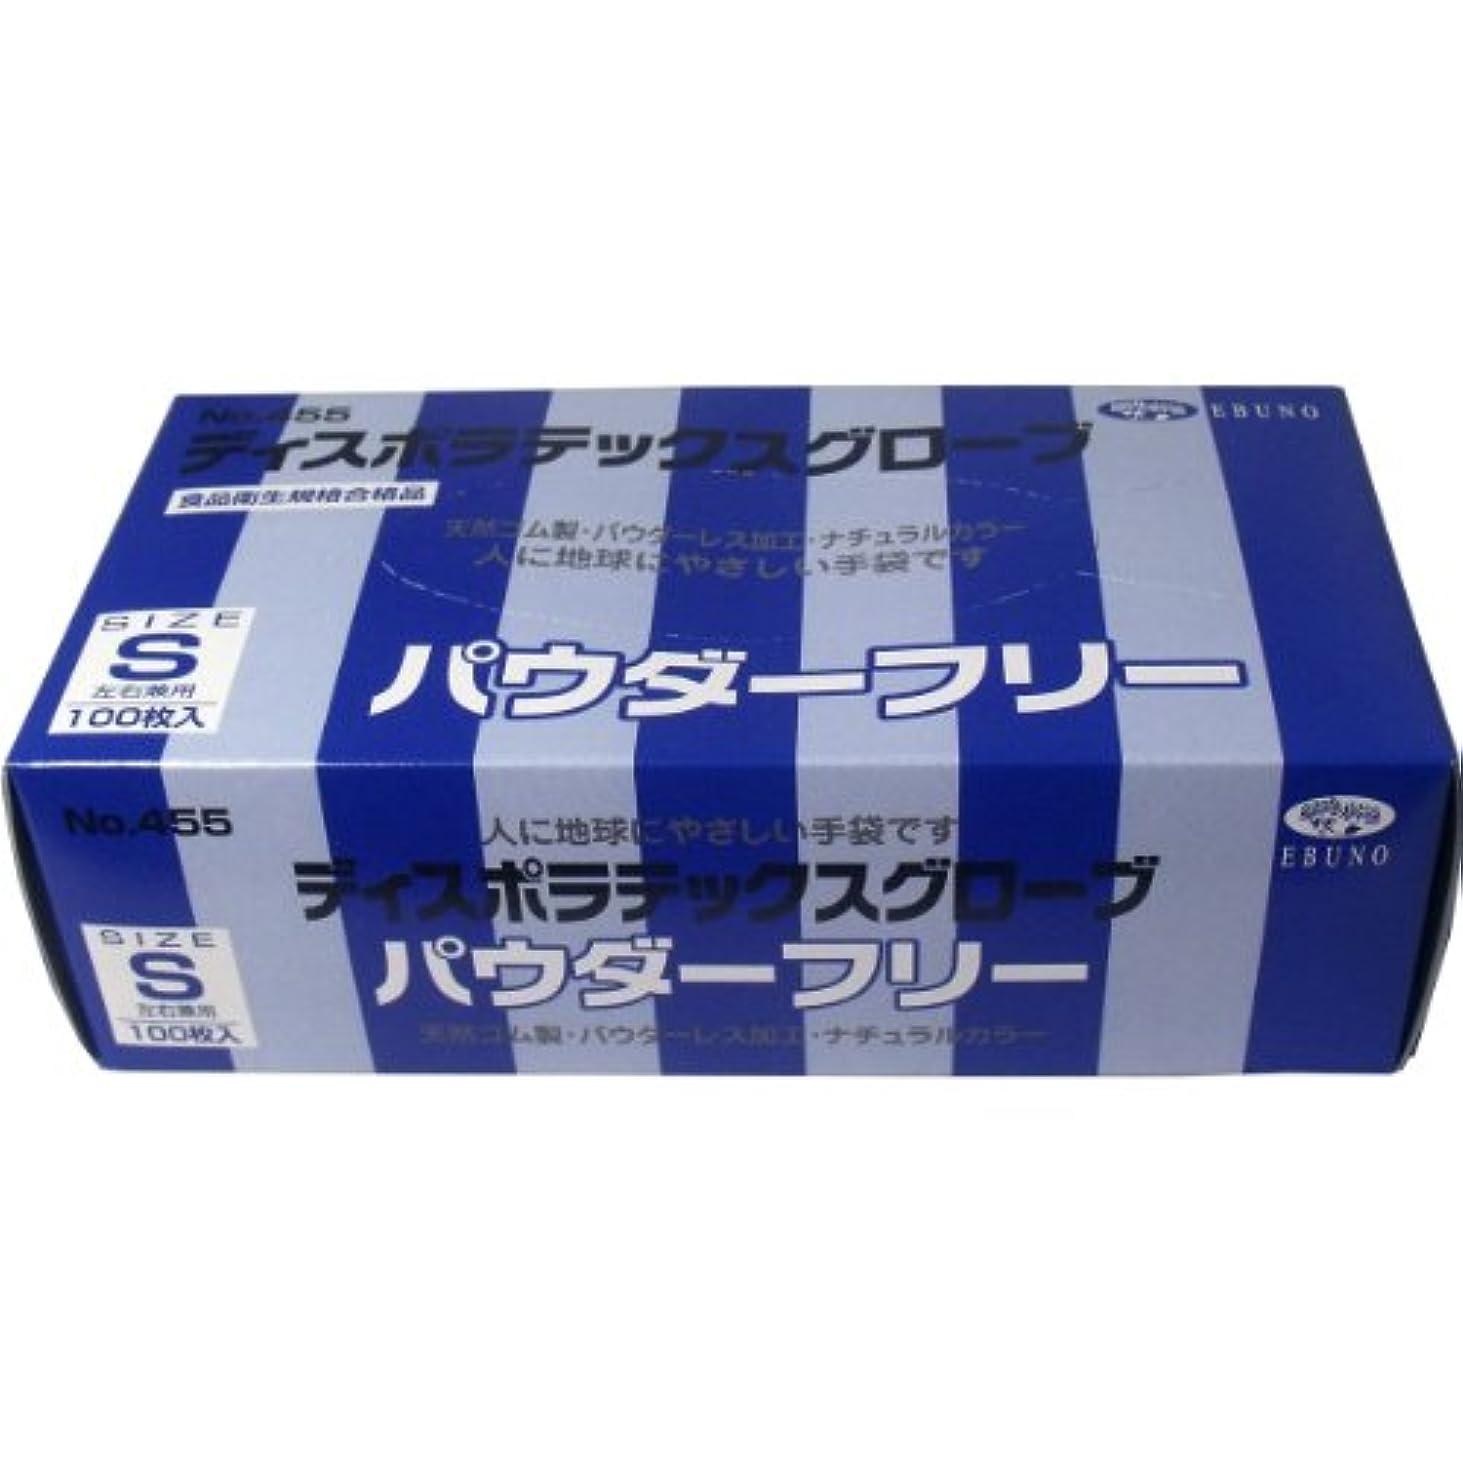 ディスポ ラテックスグローブ(天然ゴム手袋) パウダーフリー Sサイズ 100枚入 ×3個セット